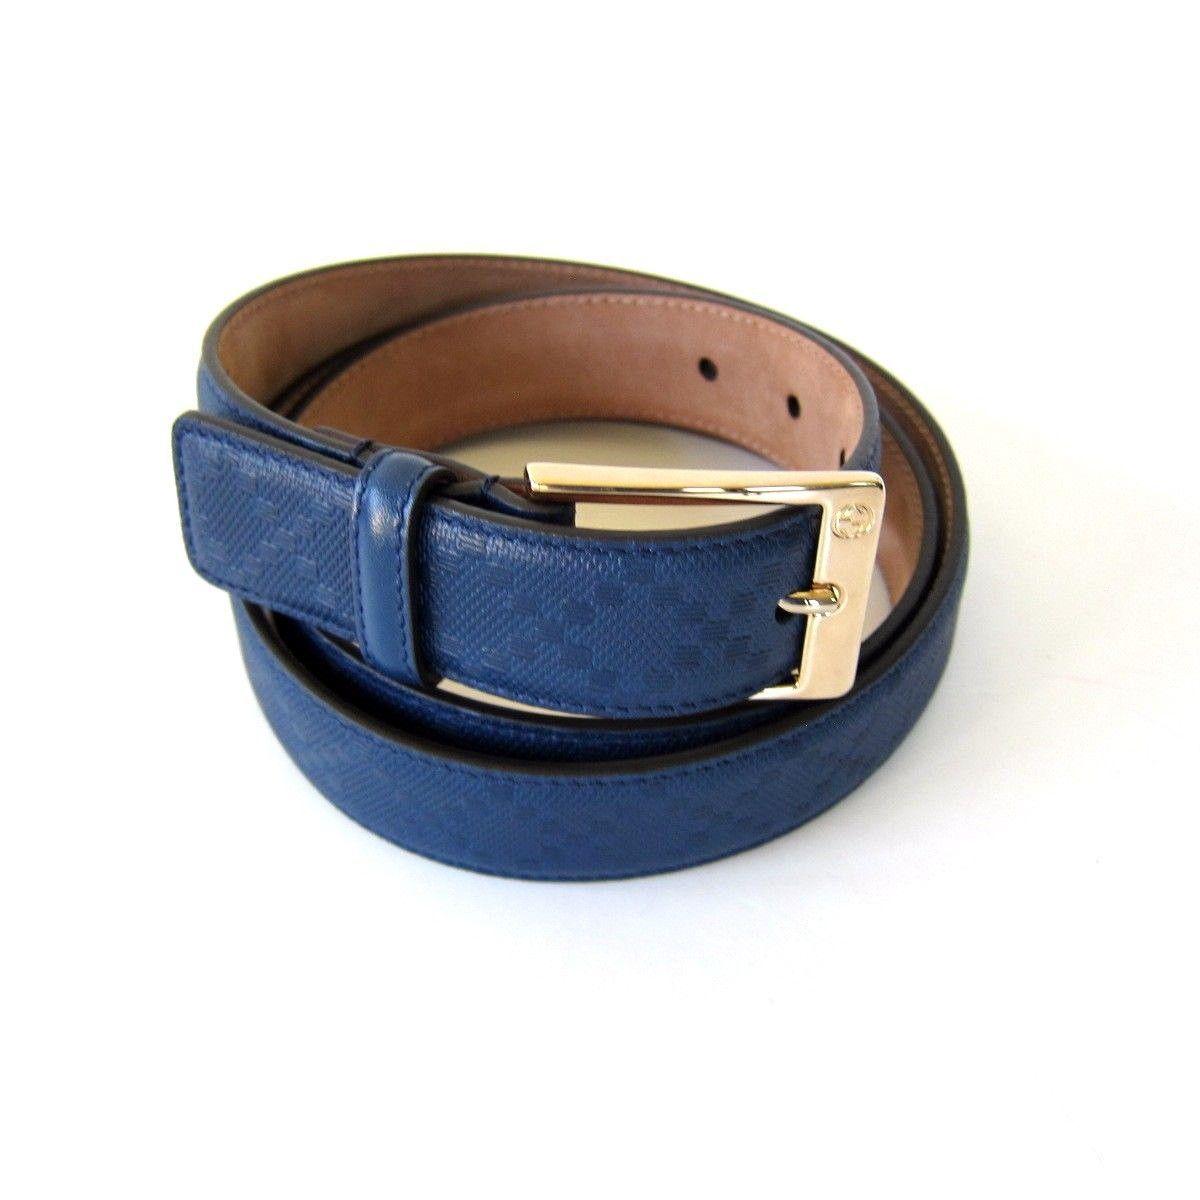 7e71de759c9 J-2169999 New Gucci Cove Blue Gold Buckle Leather Belt Size 42 Fits Waist 40